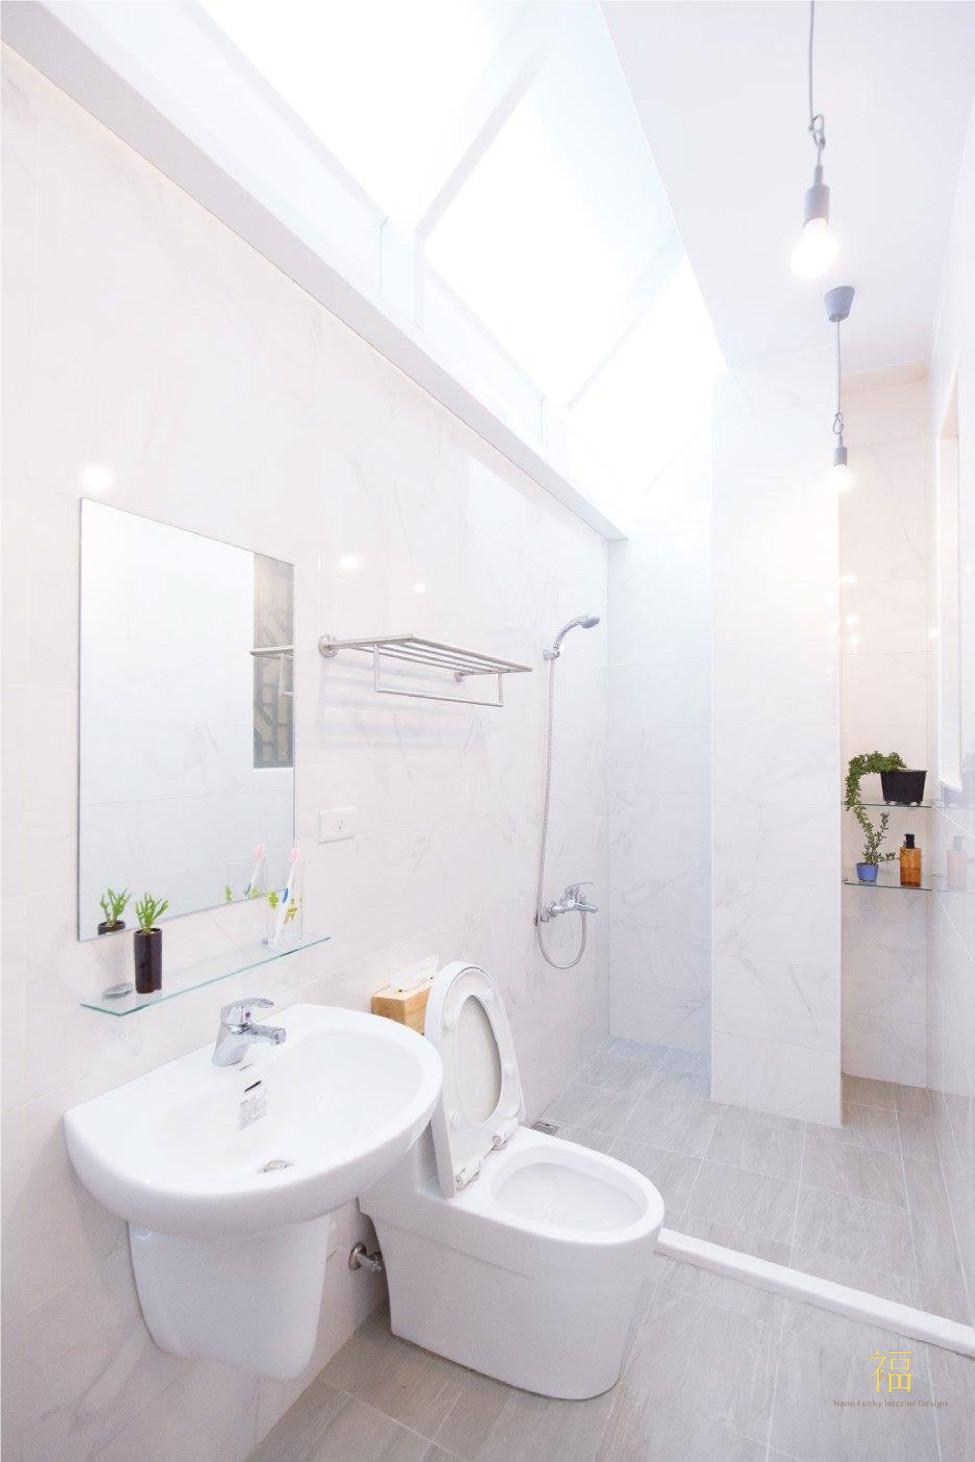 福櫻會館|良好採光學宿衛浴|嘉義宿舍空間設計